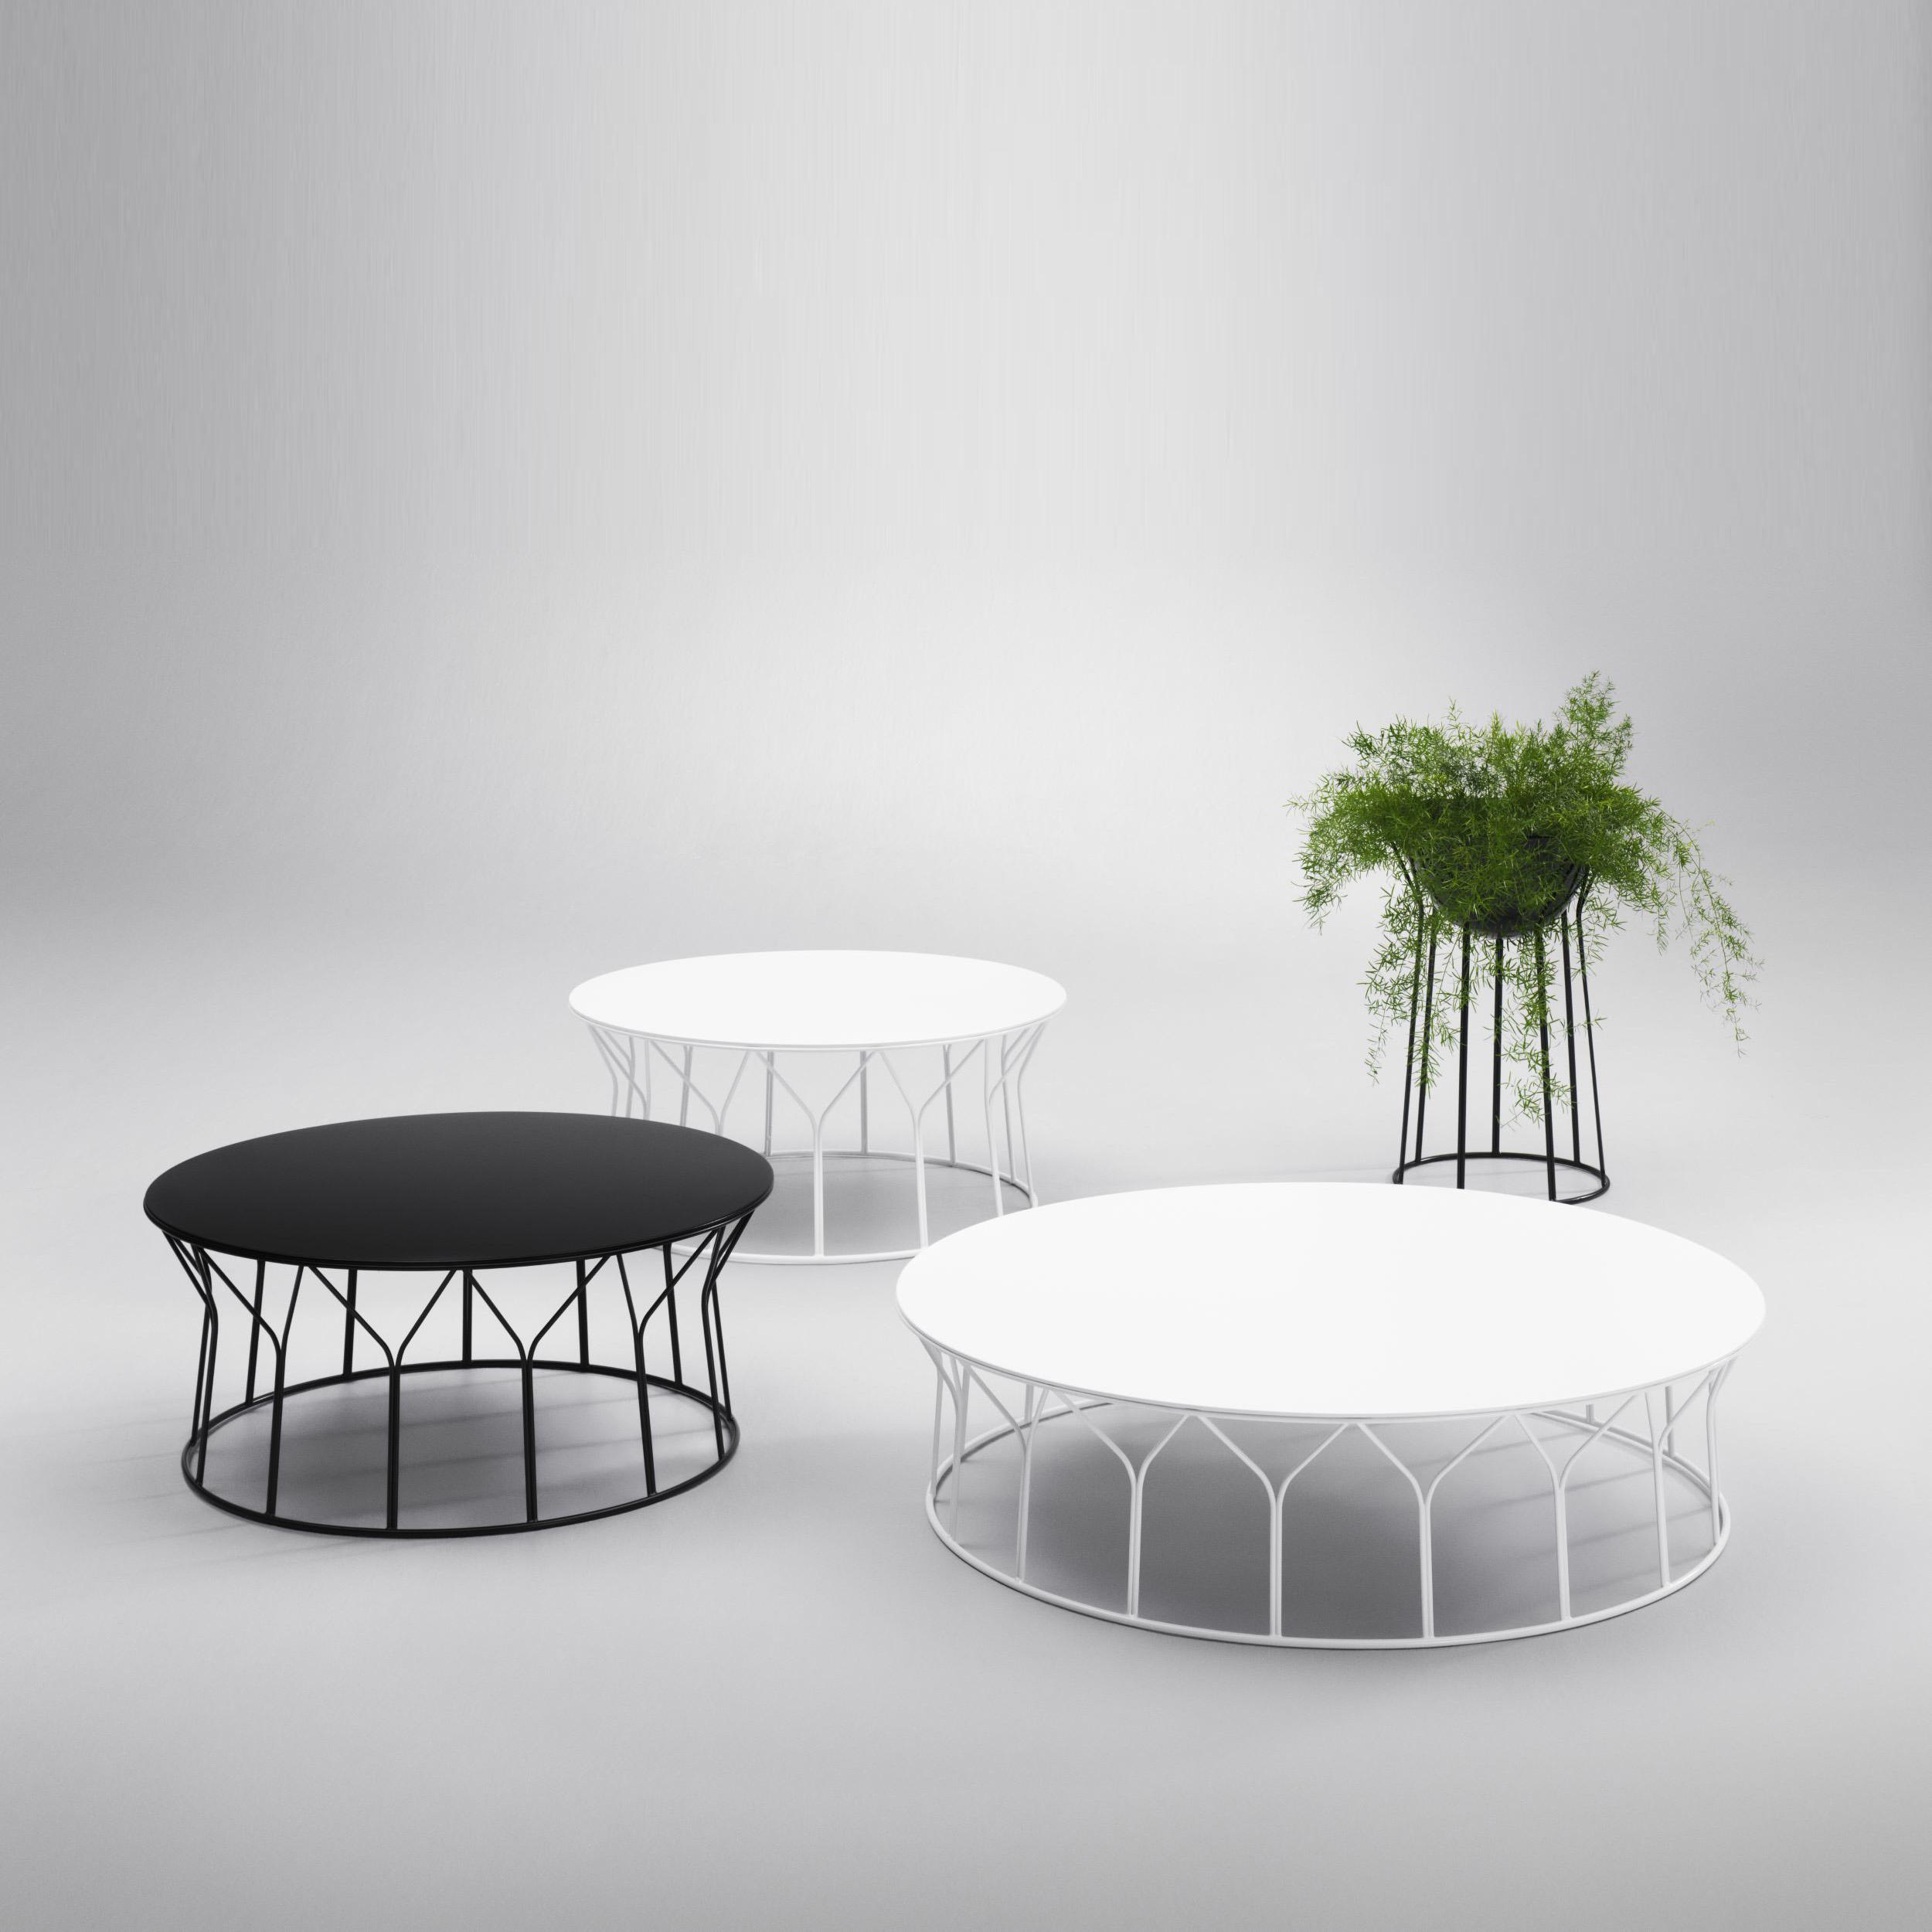 CIRCUS-PLANTER-O2asis-Tables-Formfjord-offecct-891